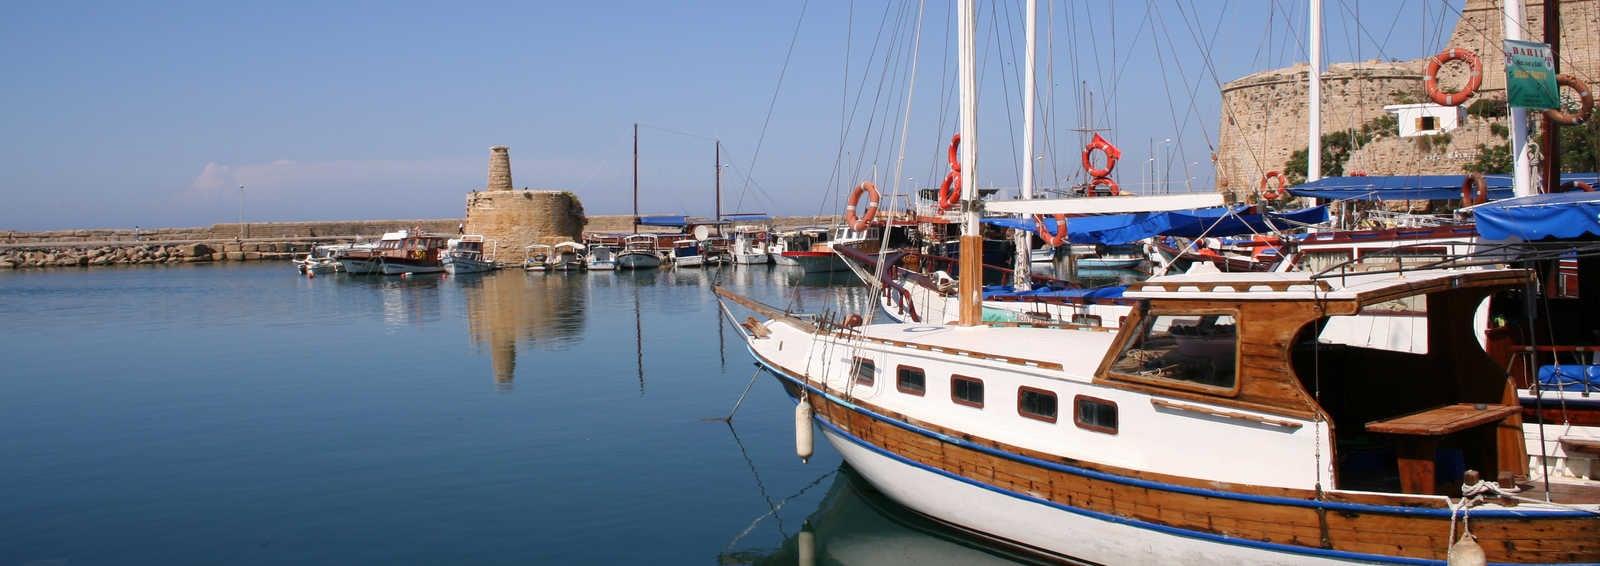 Kyrenia Harbour, Cyprus